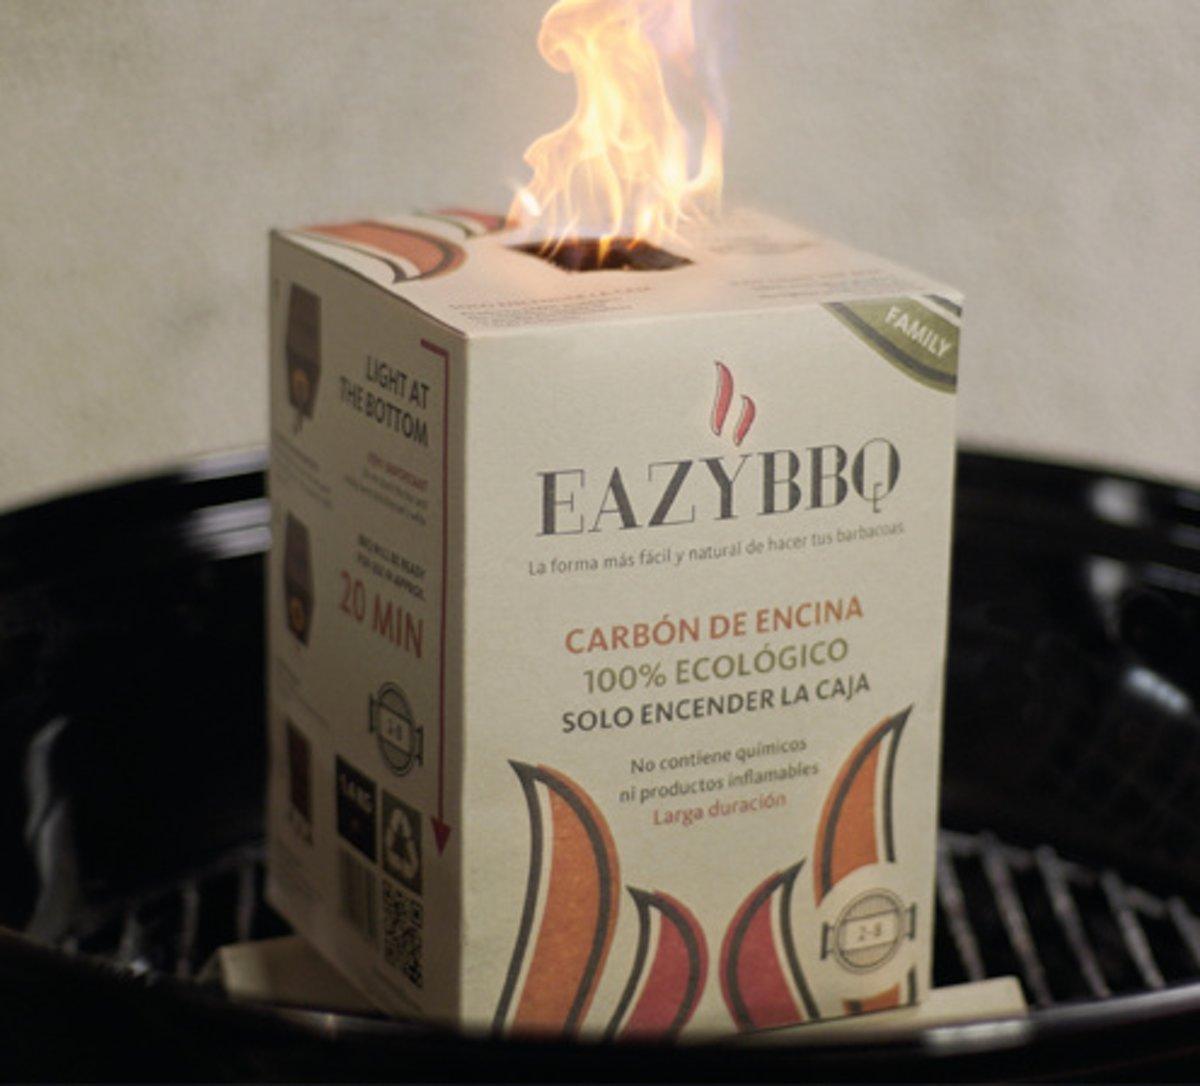 EazyBBQ - 4x Family pakket - Barbecue Houtskool - Eiken houtskool kopen